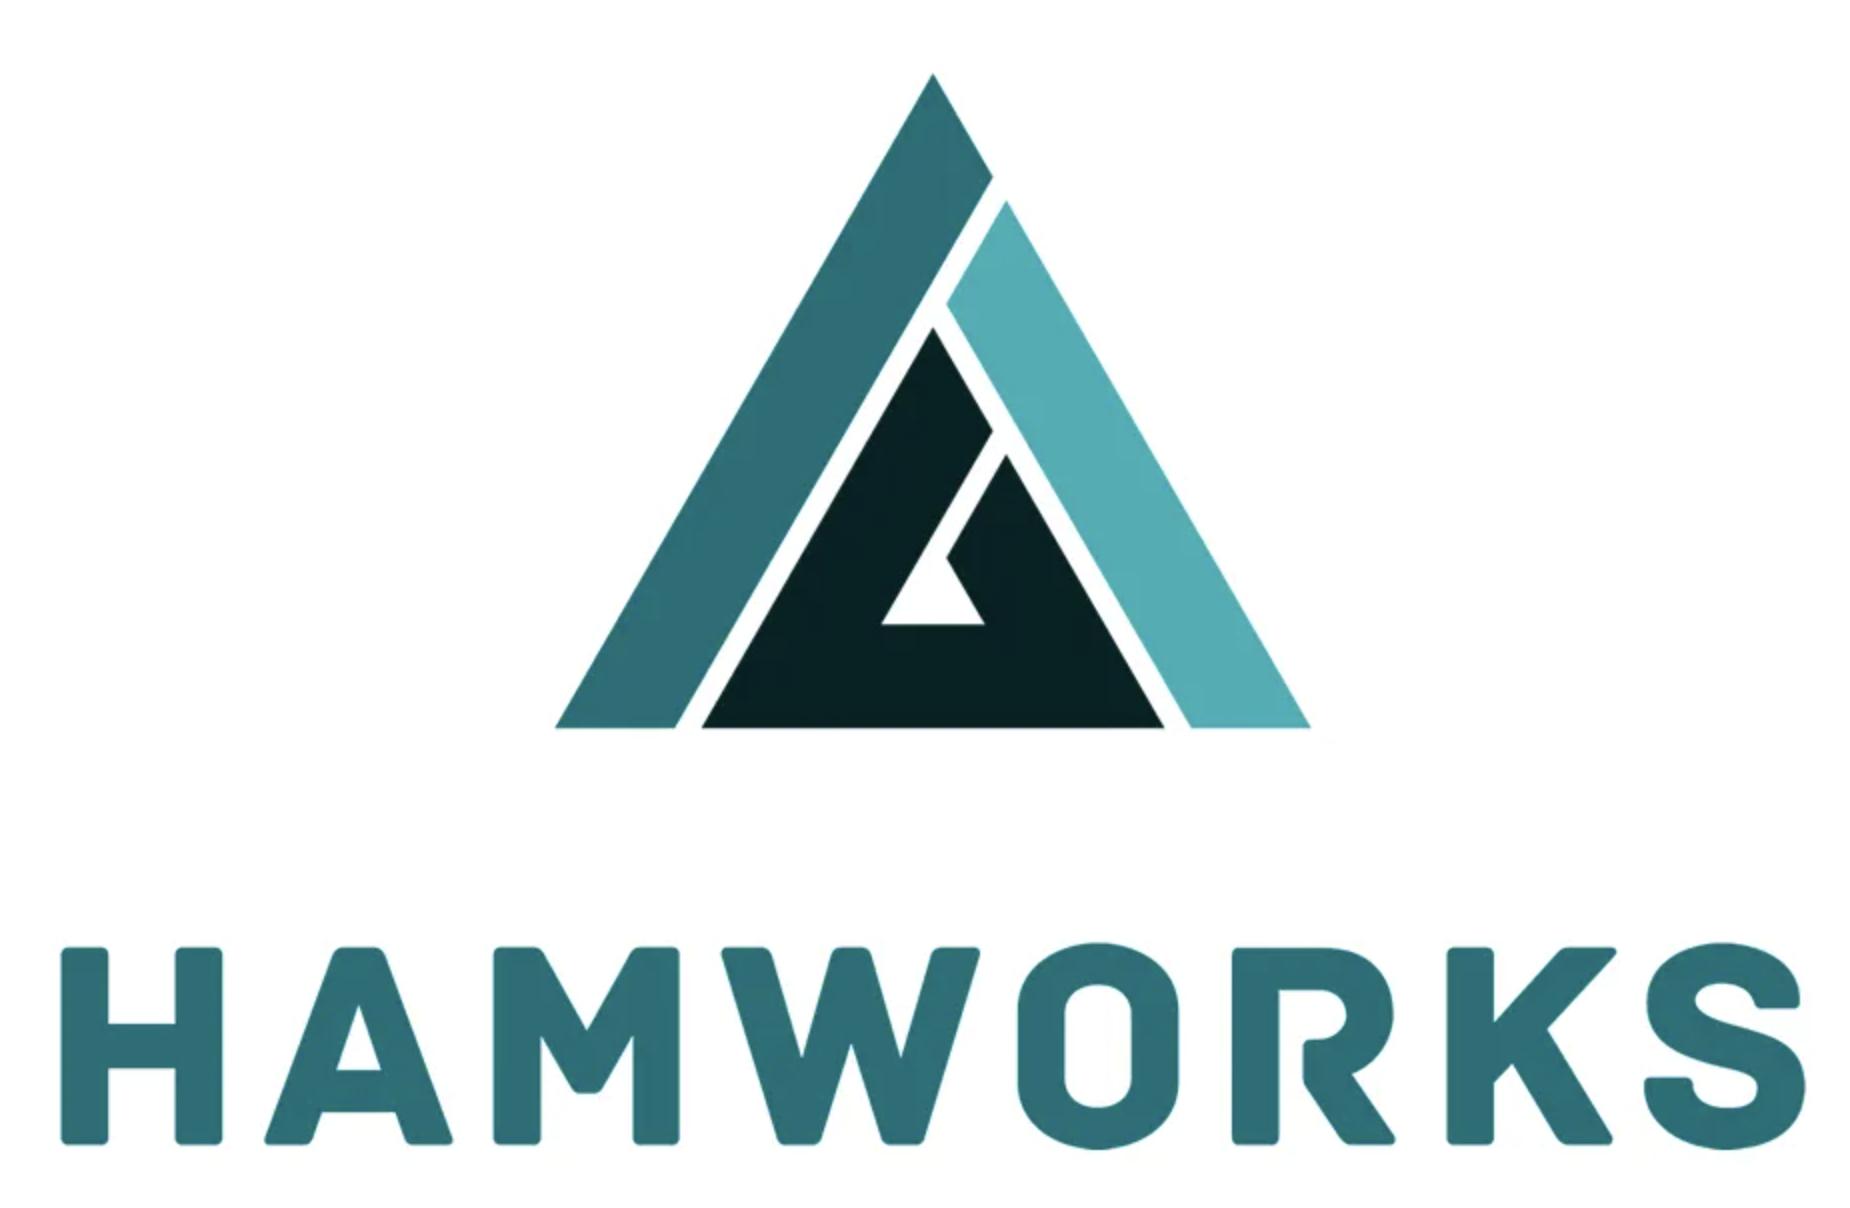 HAMWORKS お客様の声紹介画像